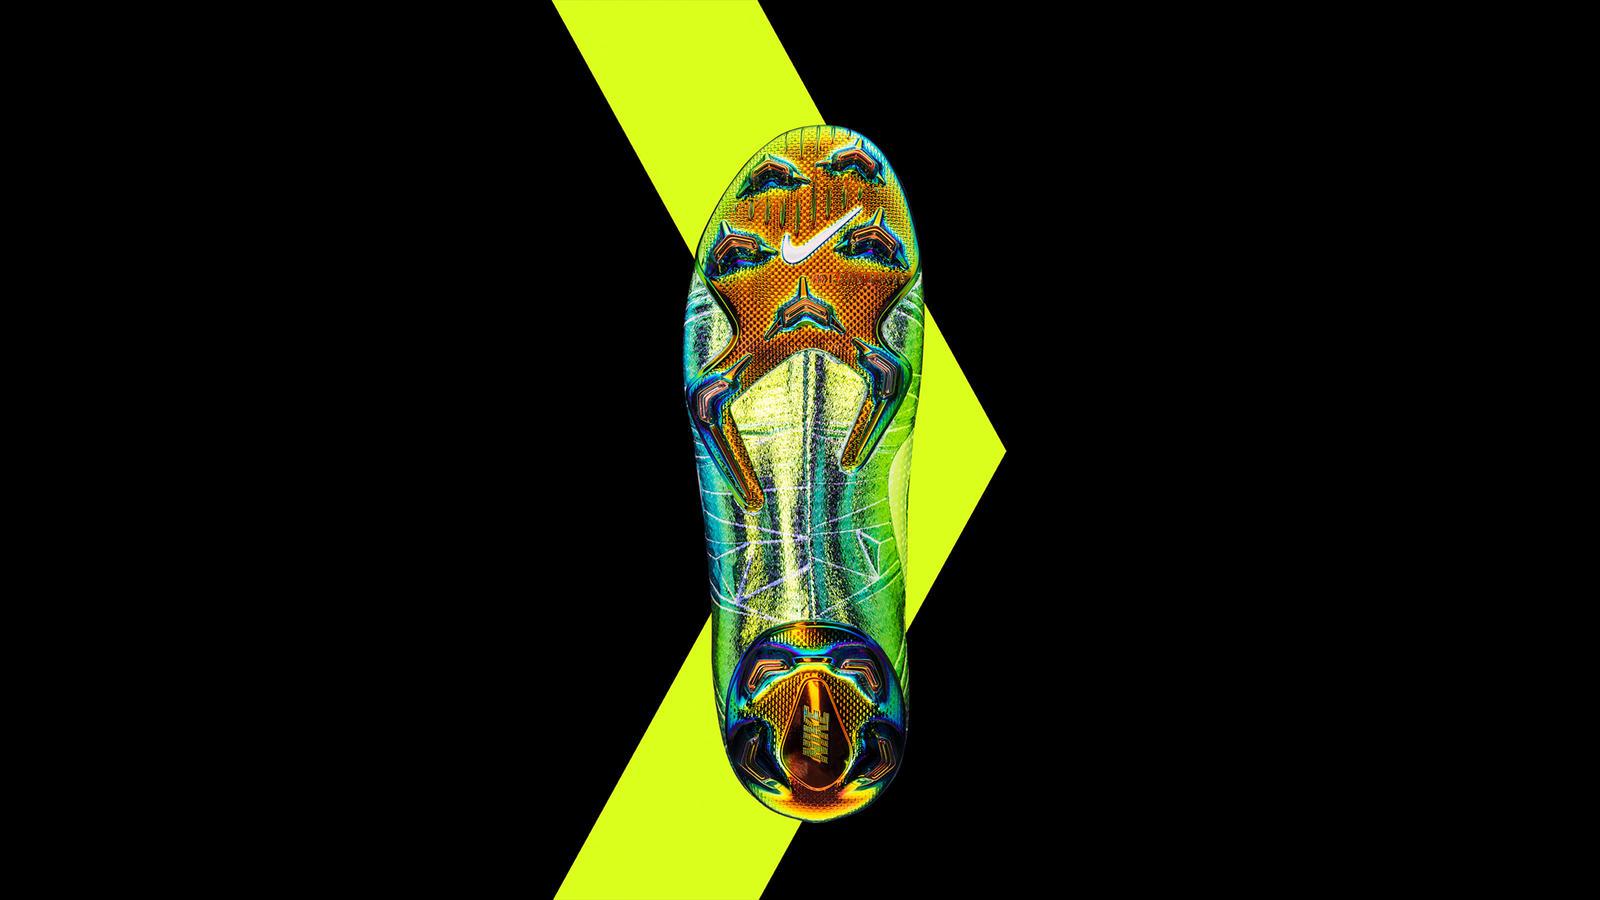 NikeMercurialVapor_Modric_2_hd_1600